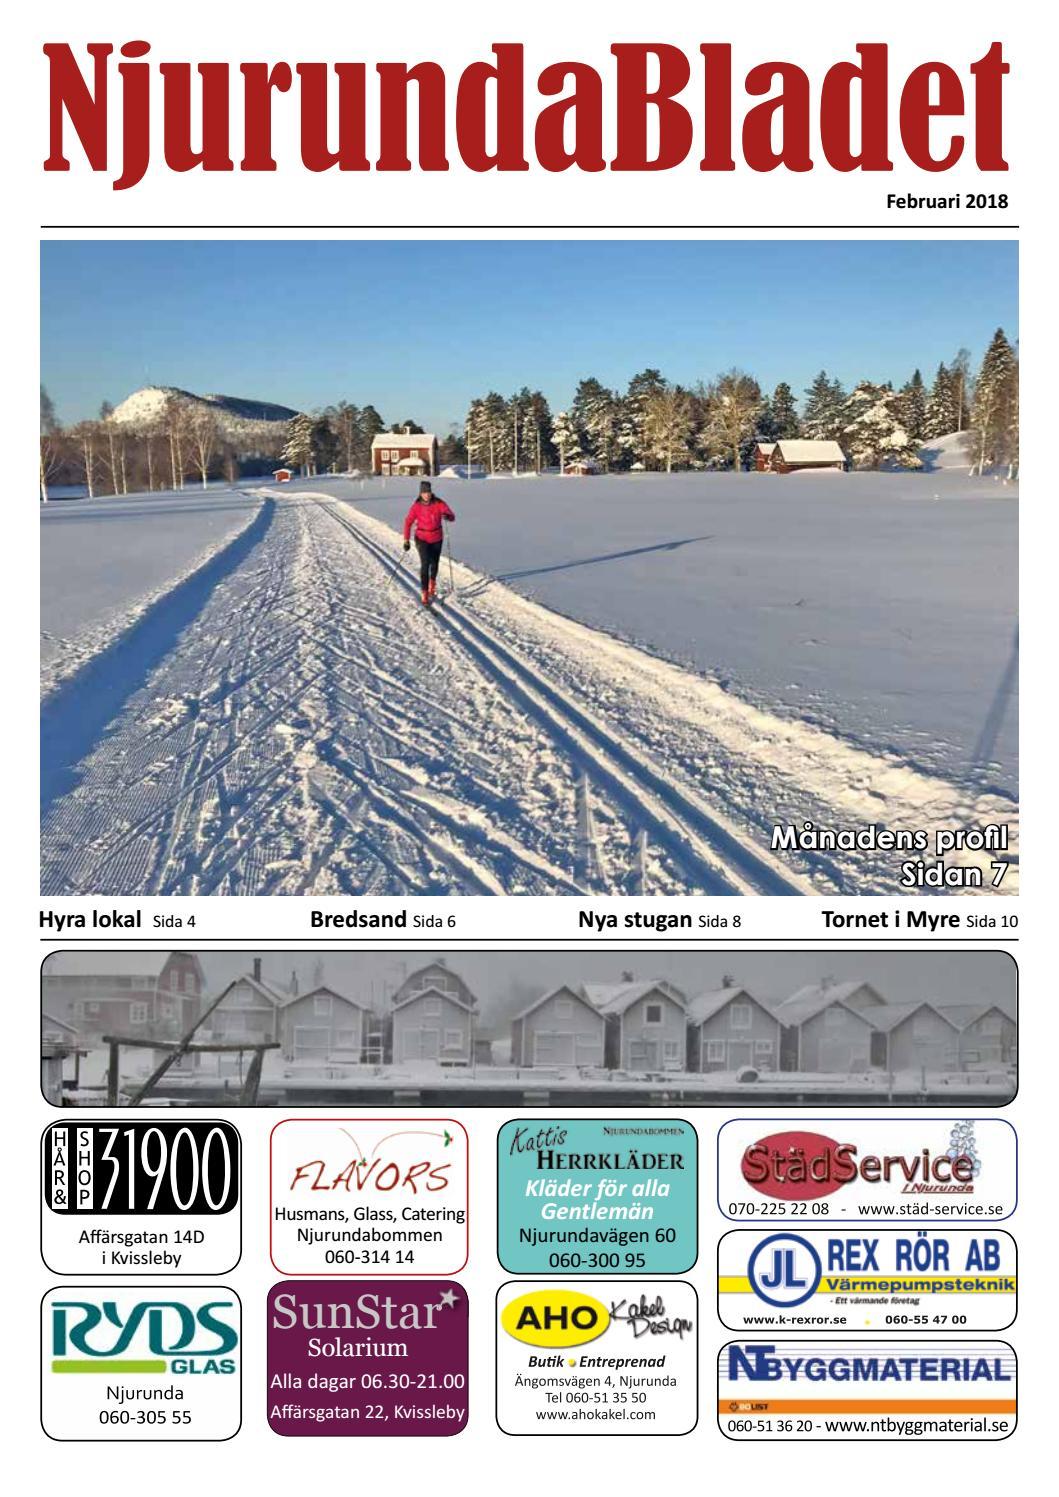 Njurundabladet 2016 03 by NjurundaFretagarna - issuu